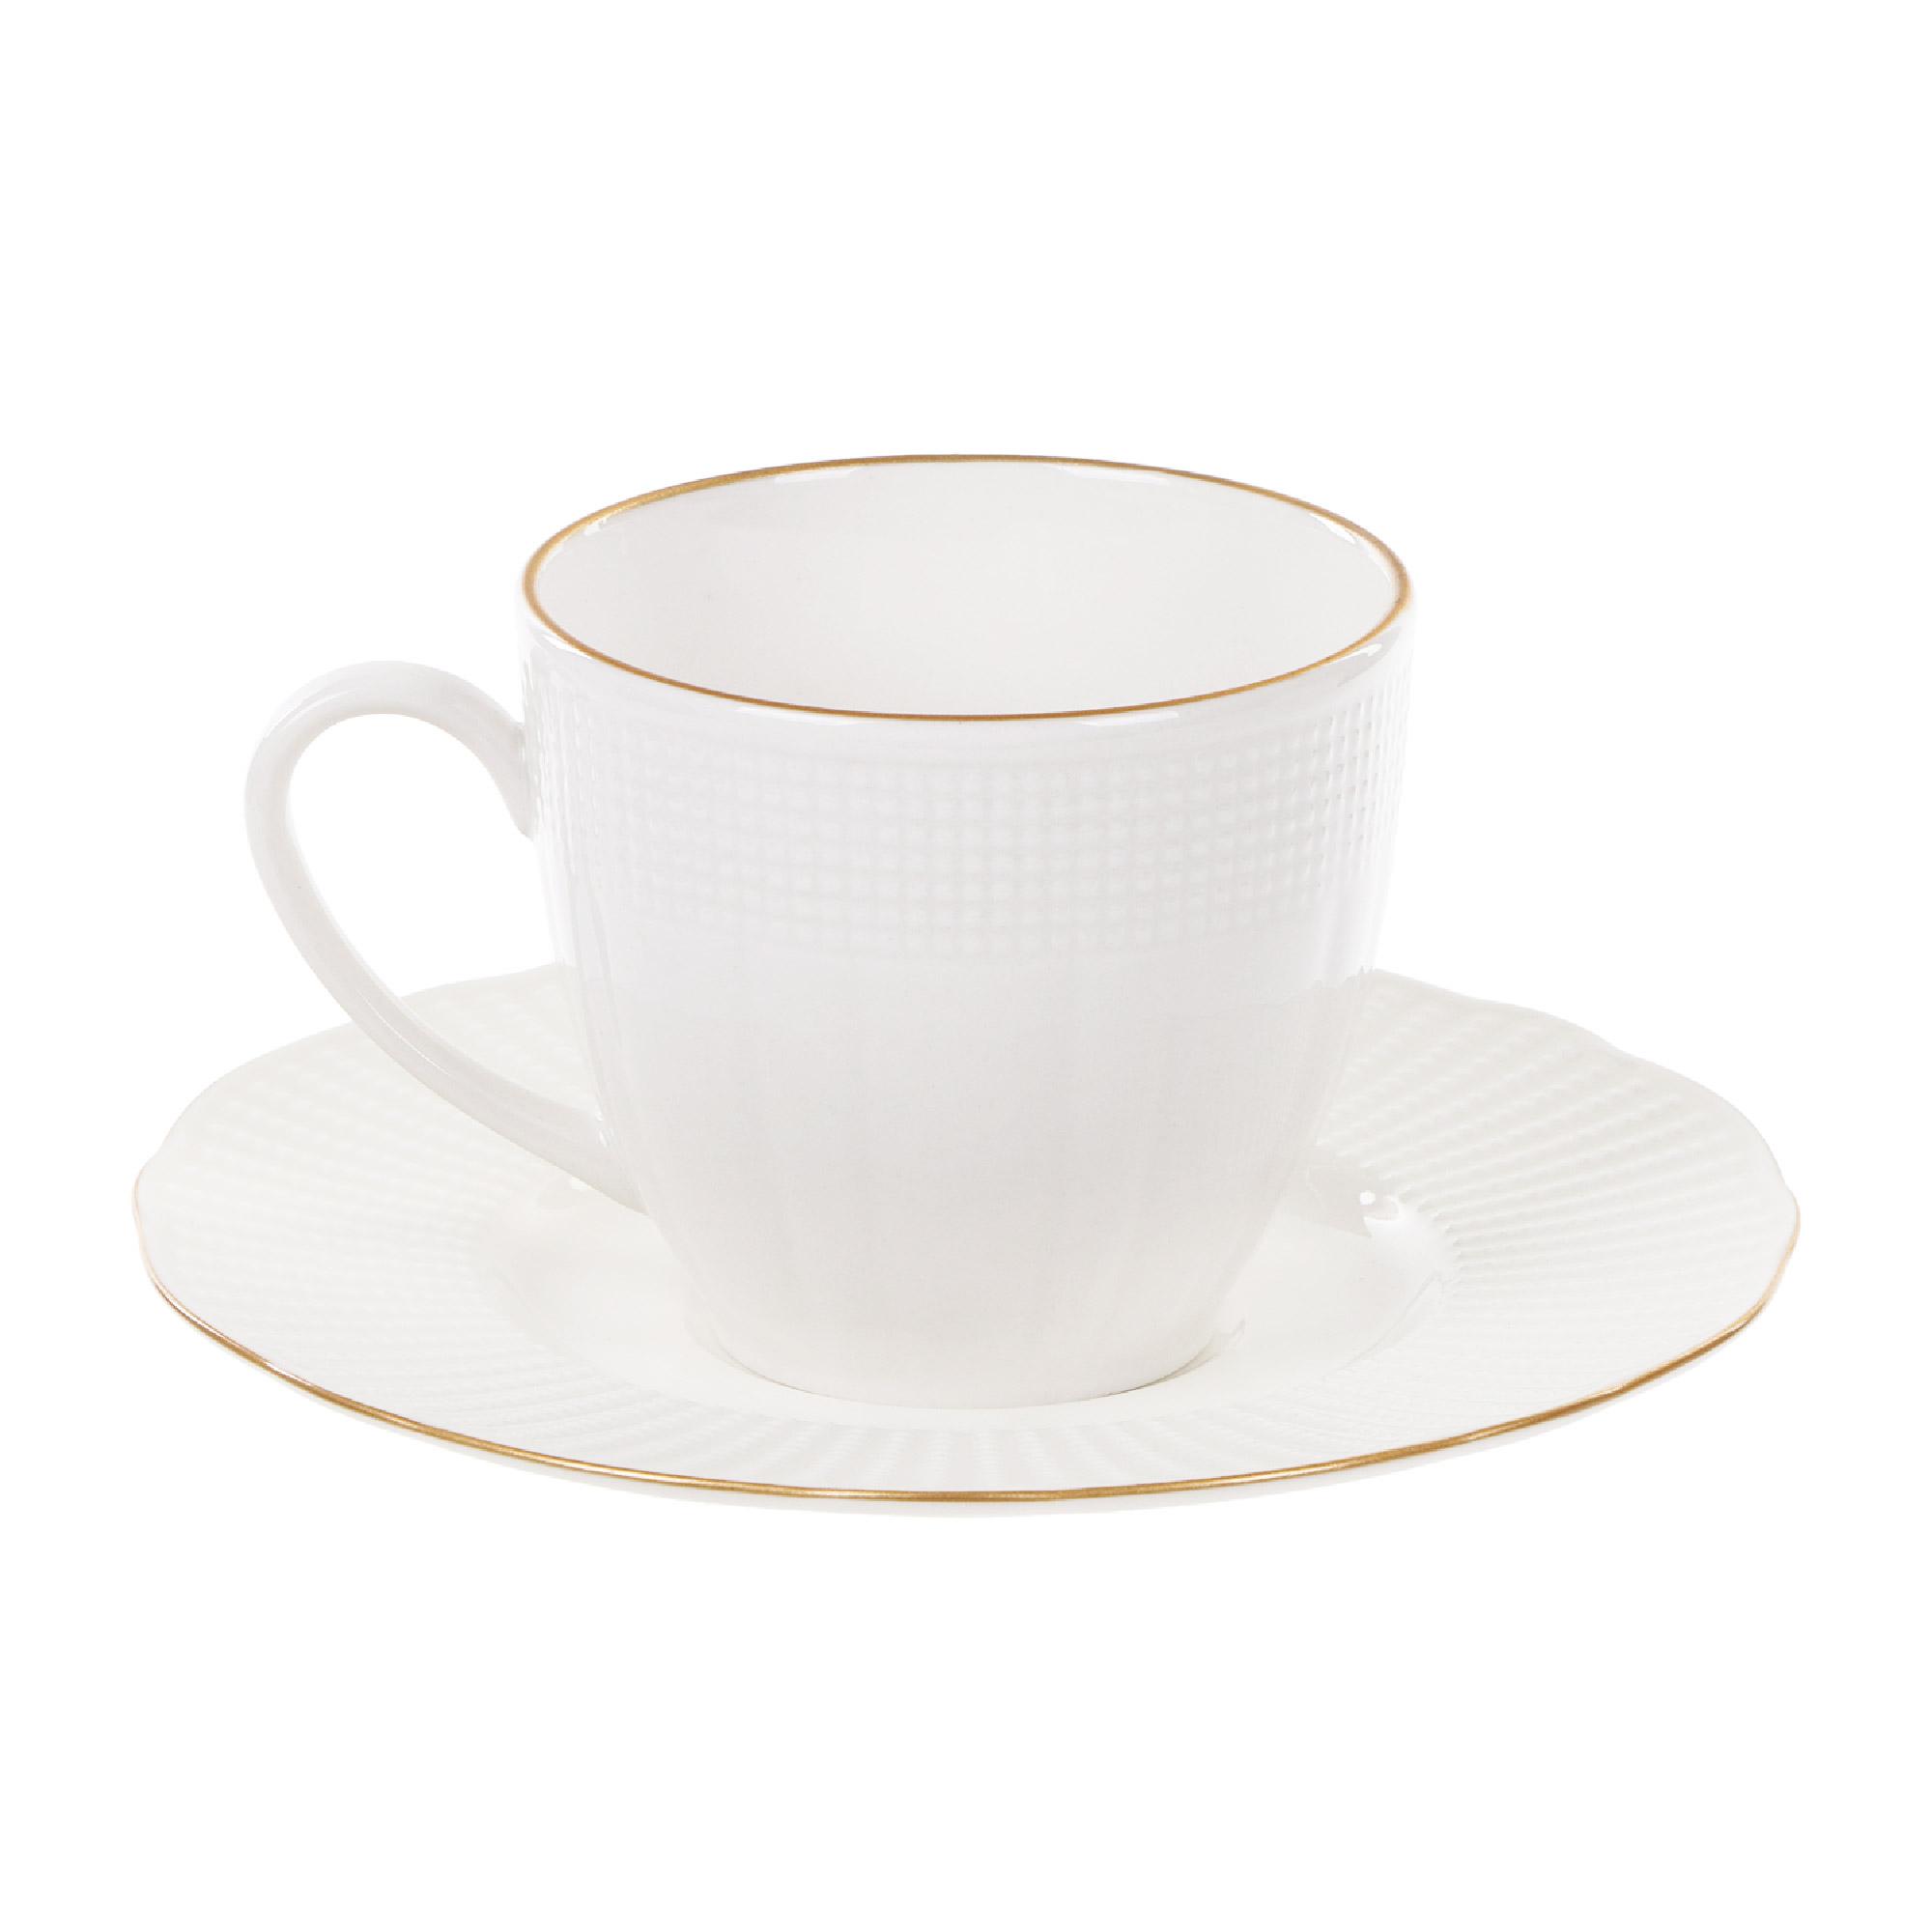 Чашка с блюдцем чайная 120 мл, Kutahya Porselen ilay отводка золото